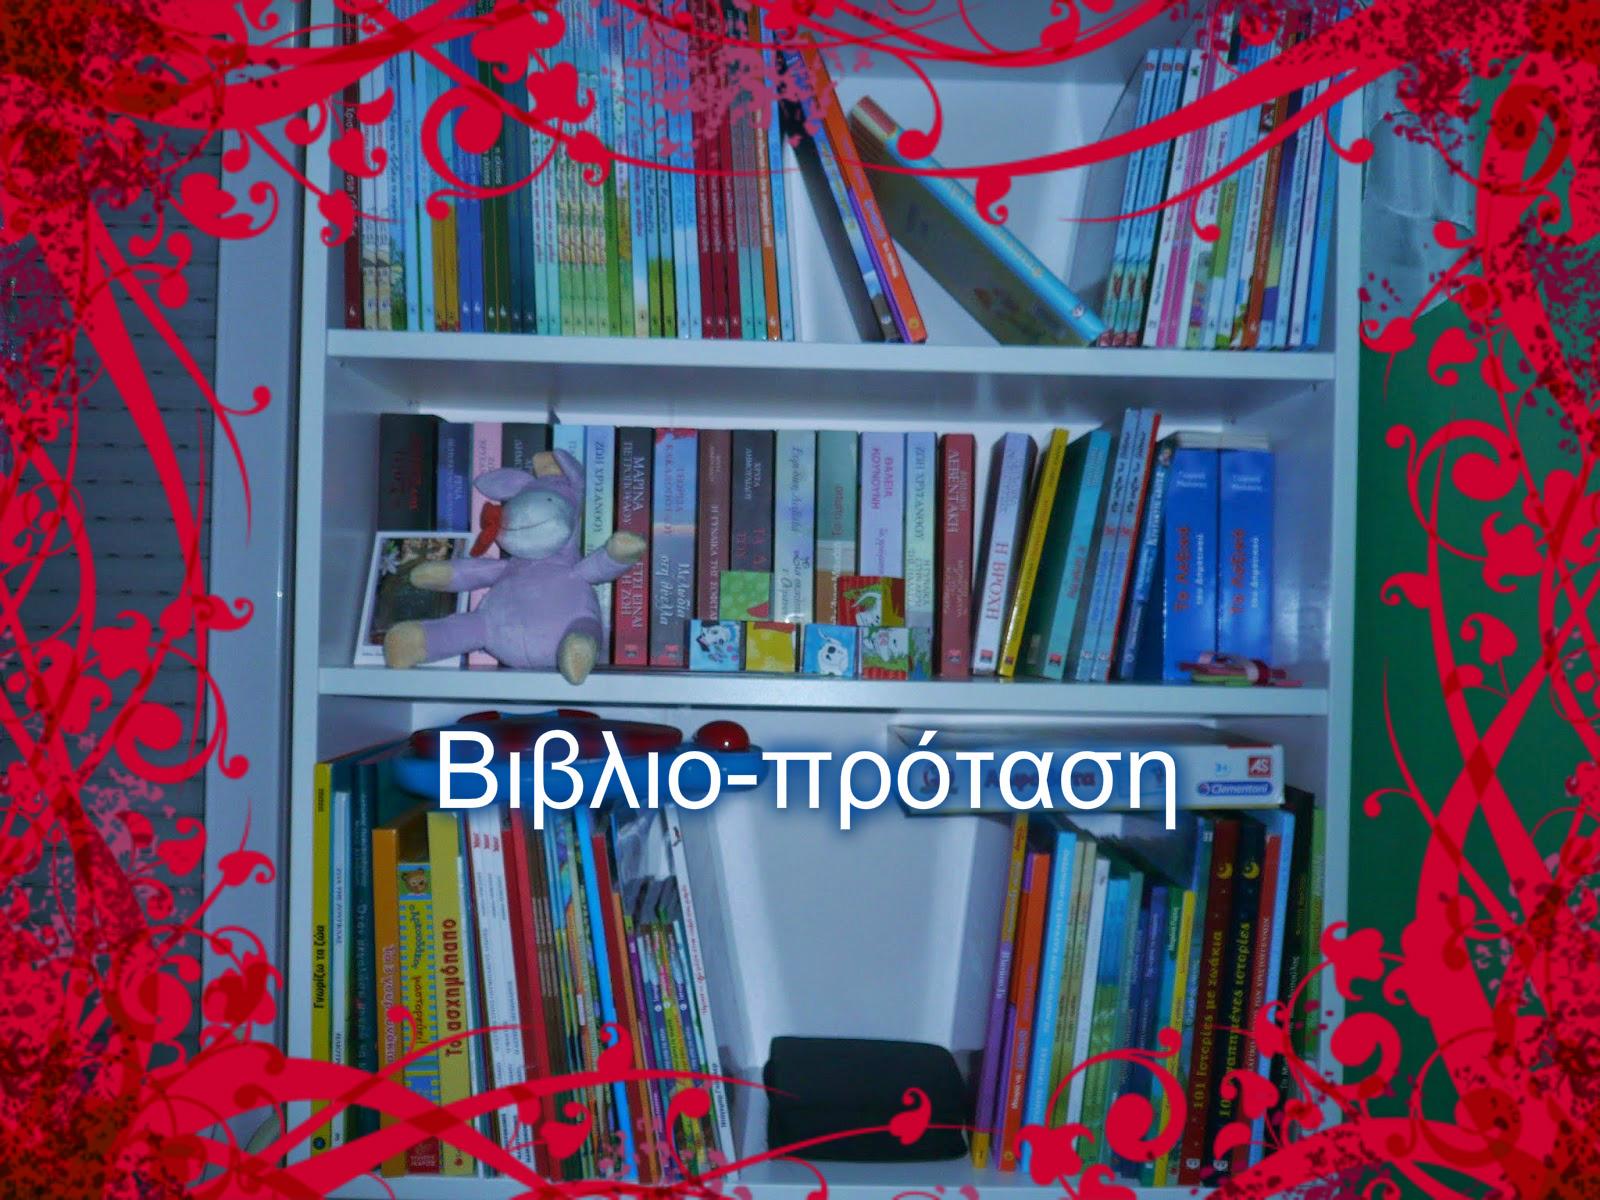 Διάβασε ένα βιβλίο